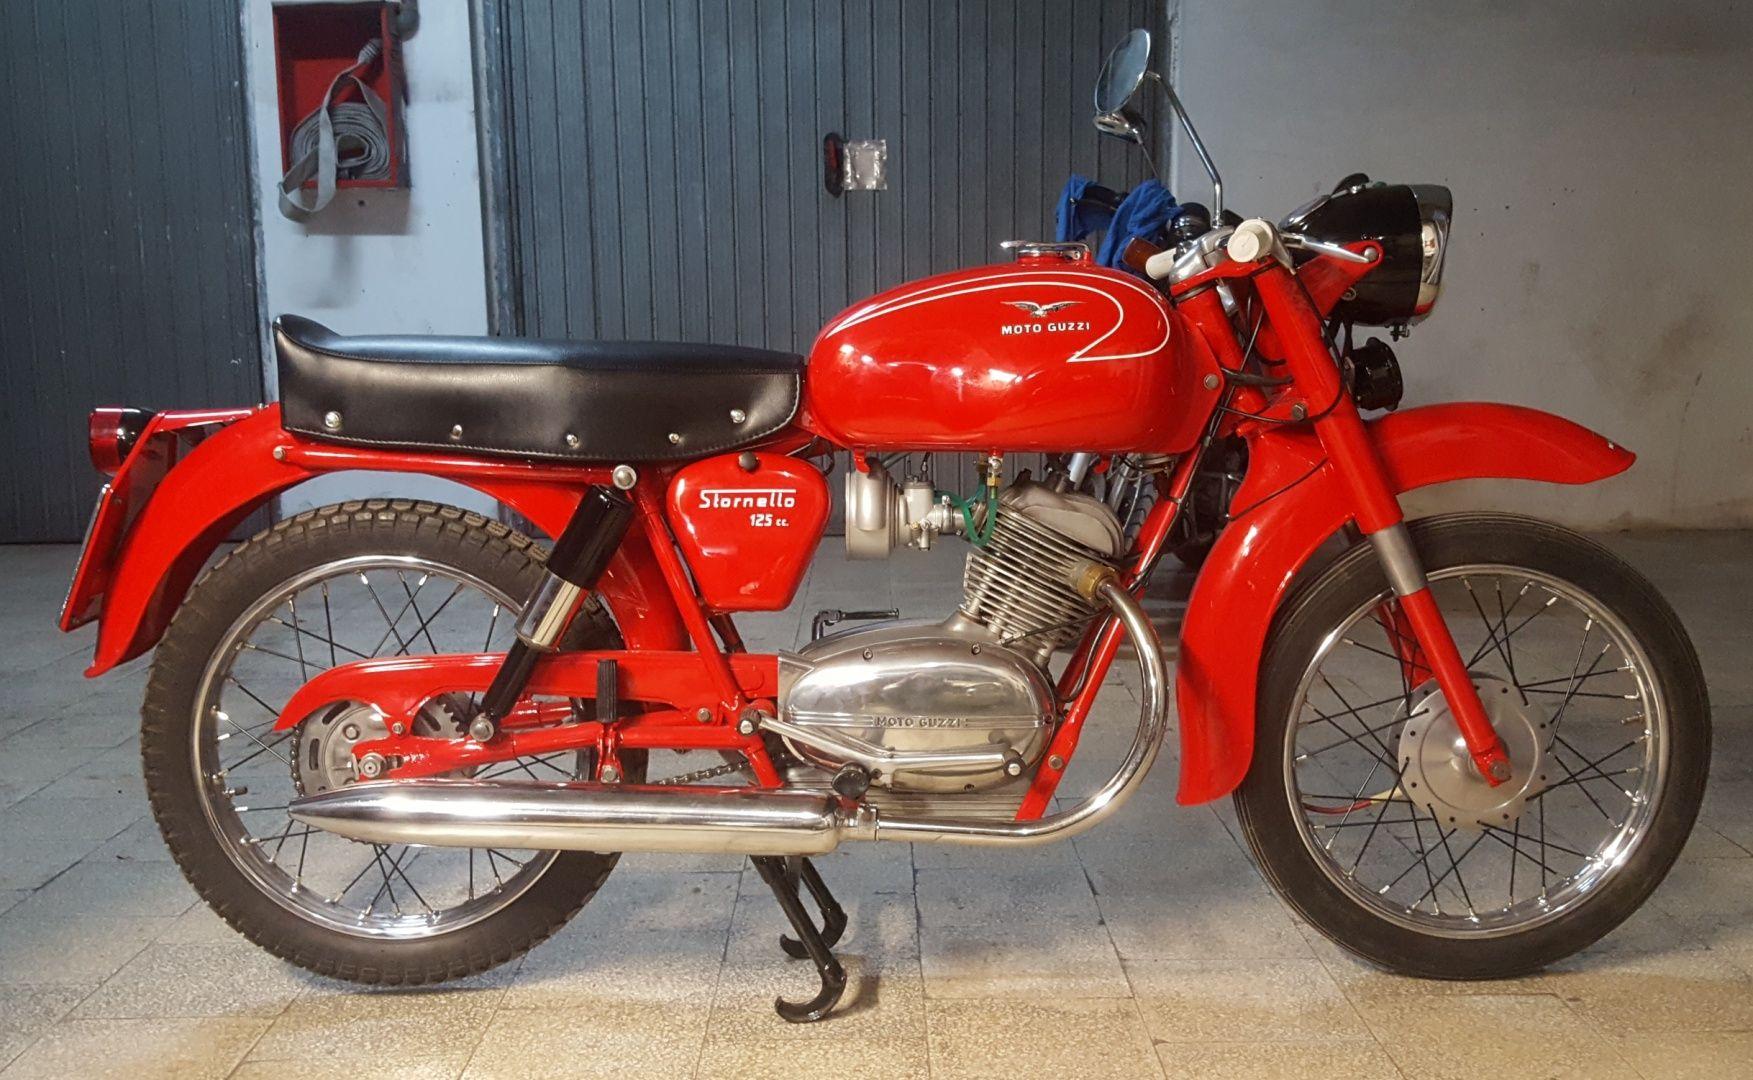 Κόκκινη Moto Guzzi Stornello παρκαρισμένη μπροστά από γκρι πόρτα